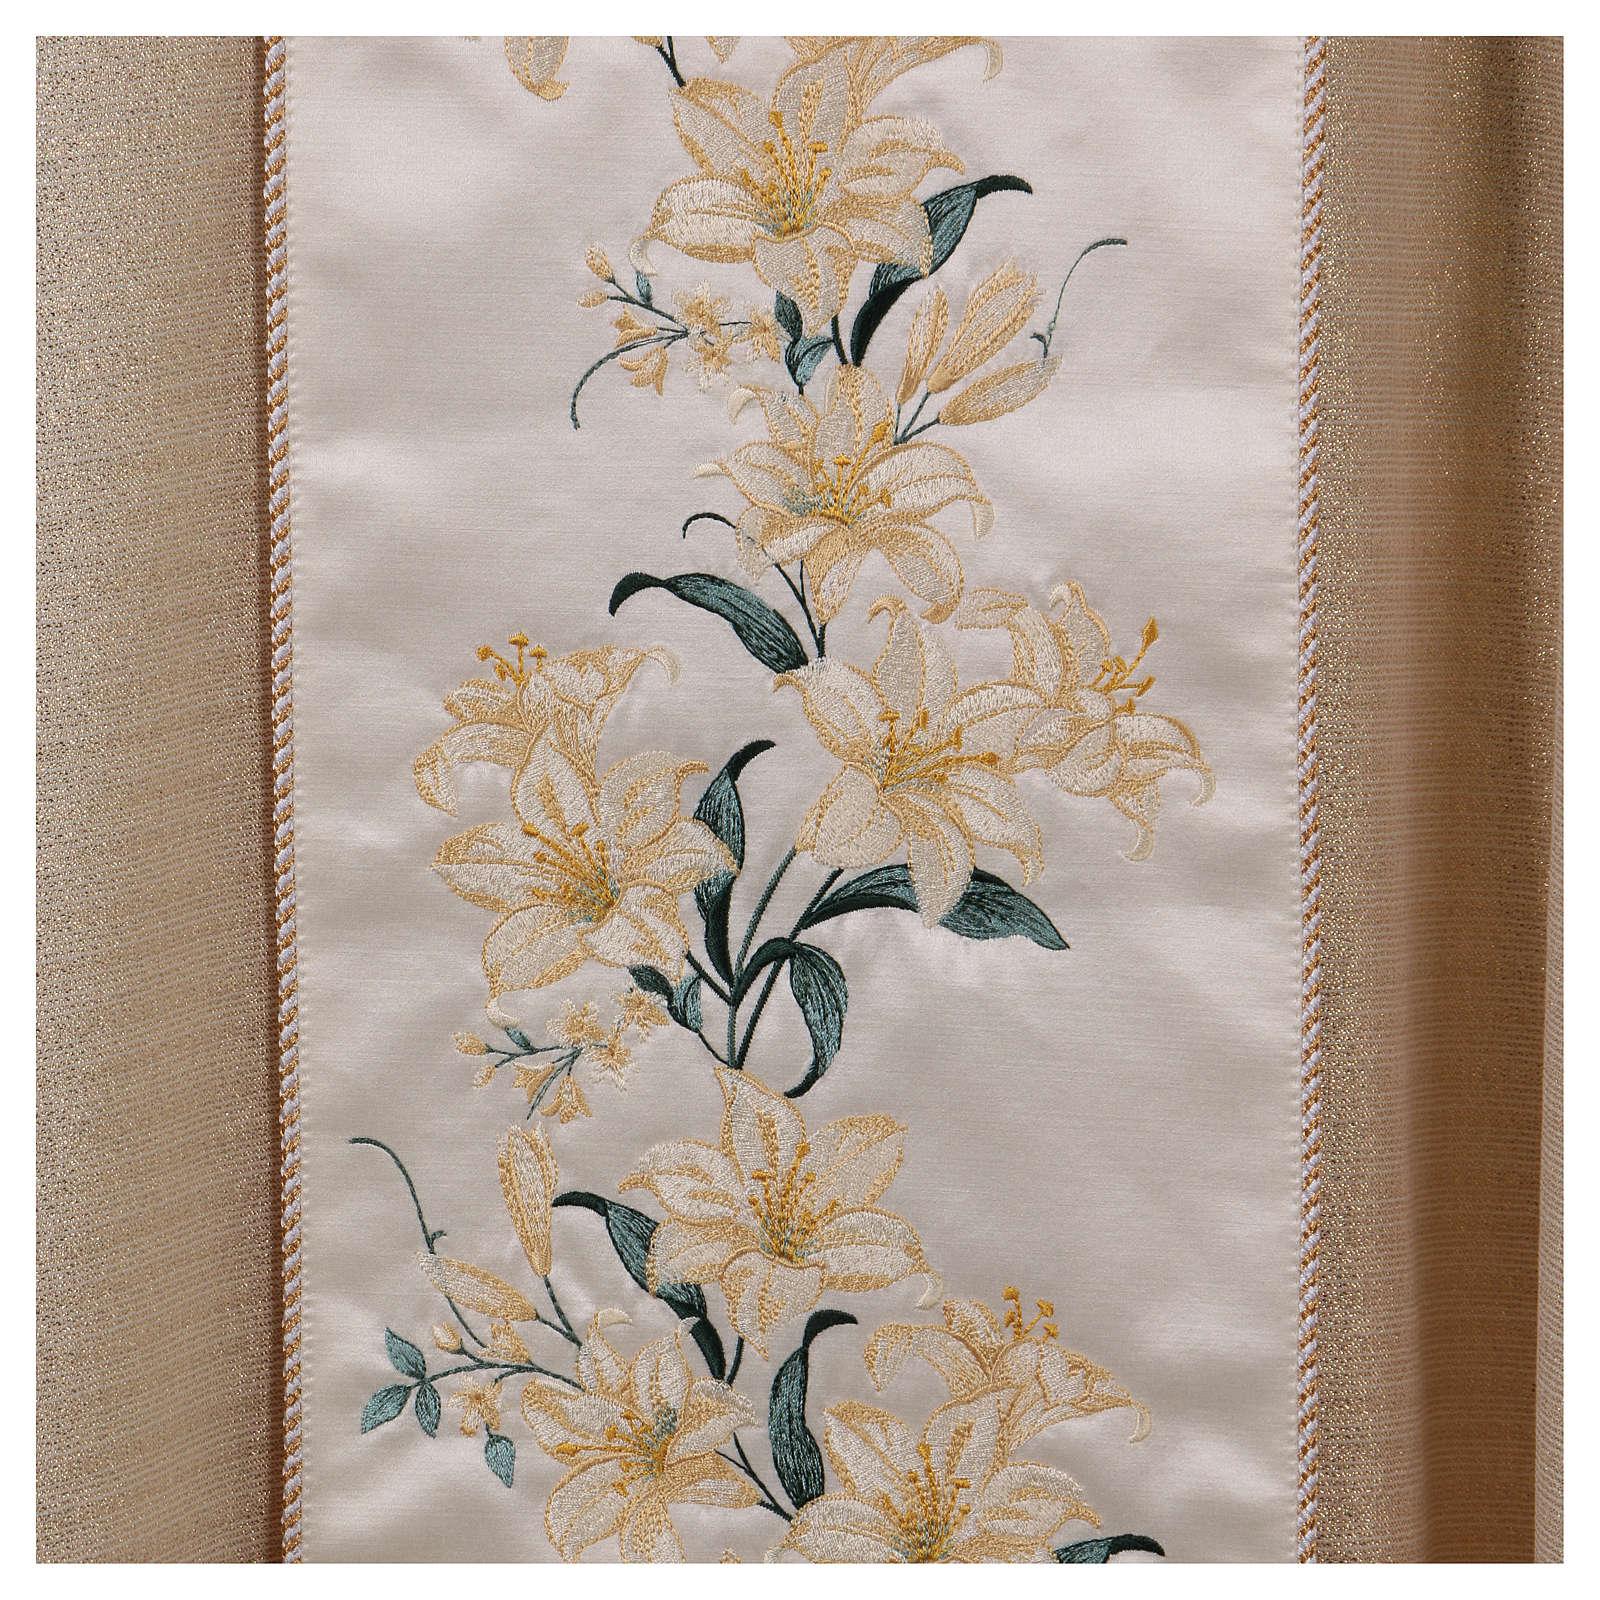 Casula mariana fiori 93% lana 4% poliestere 3% viscosa effetto oro 4